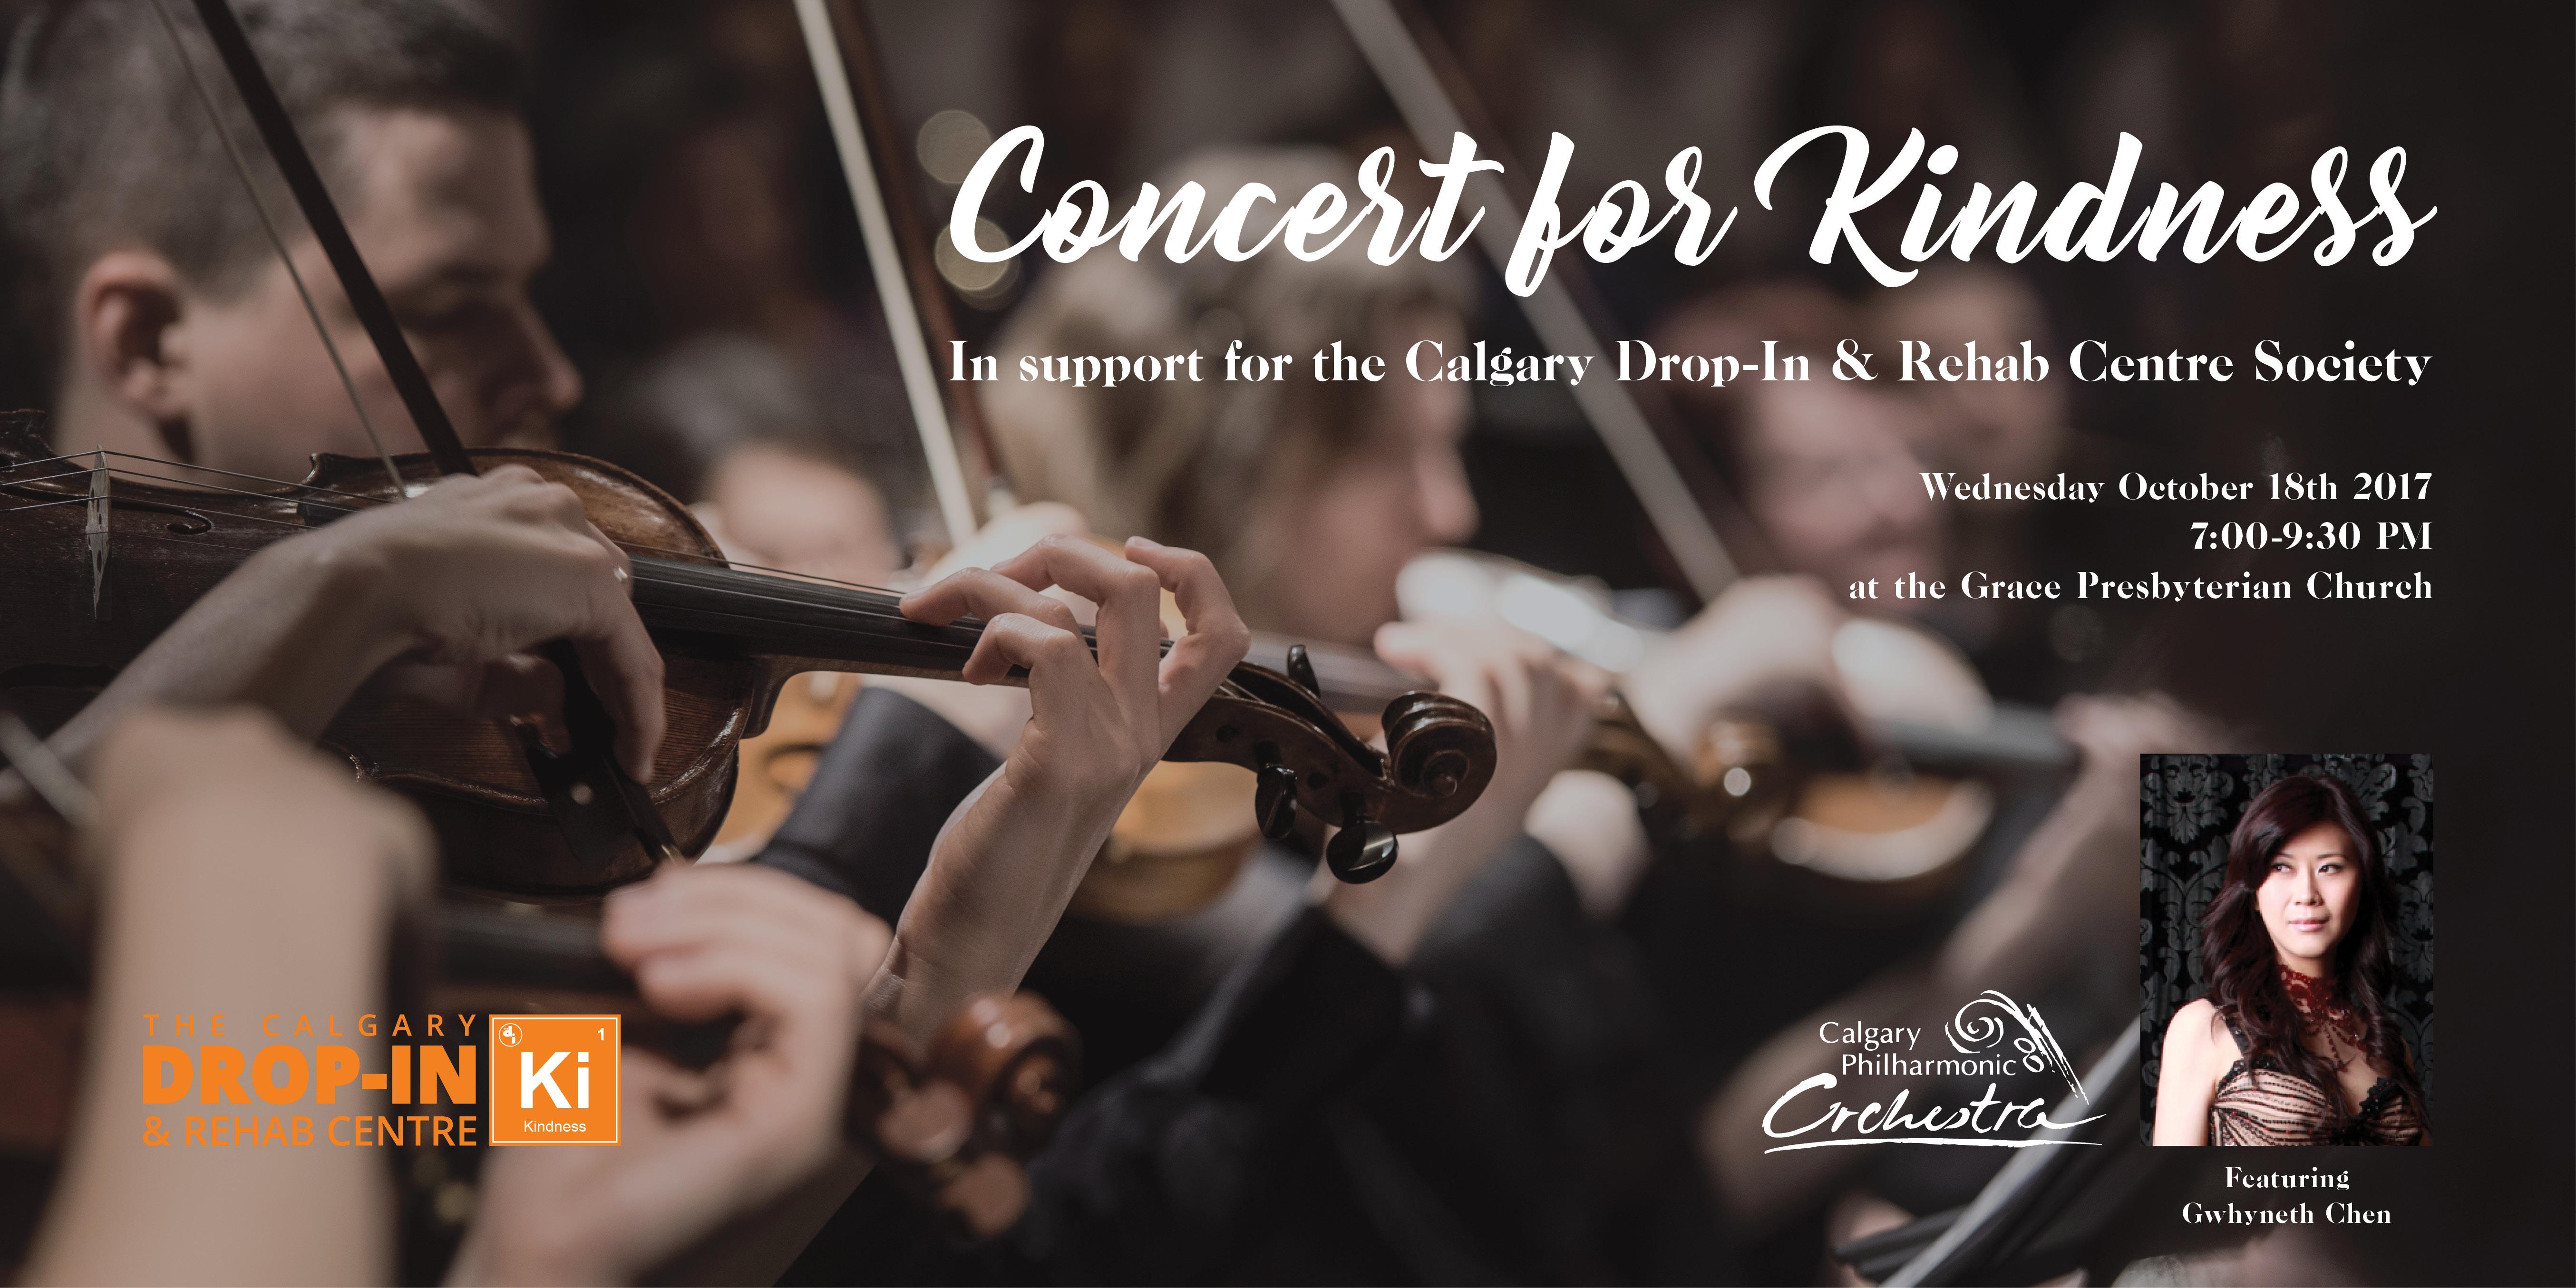 Concert for Kindness